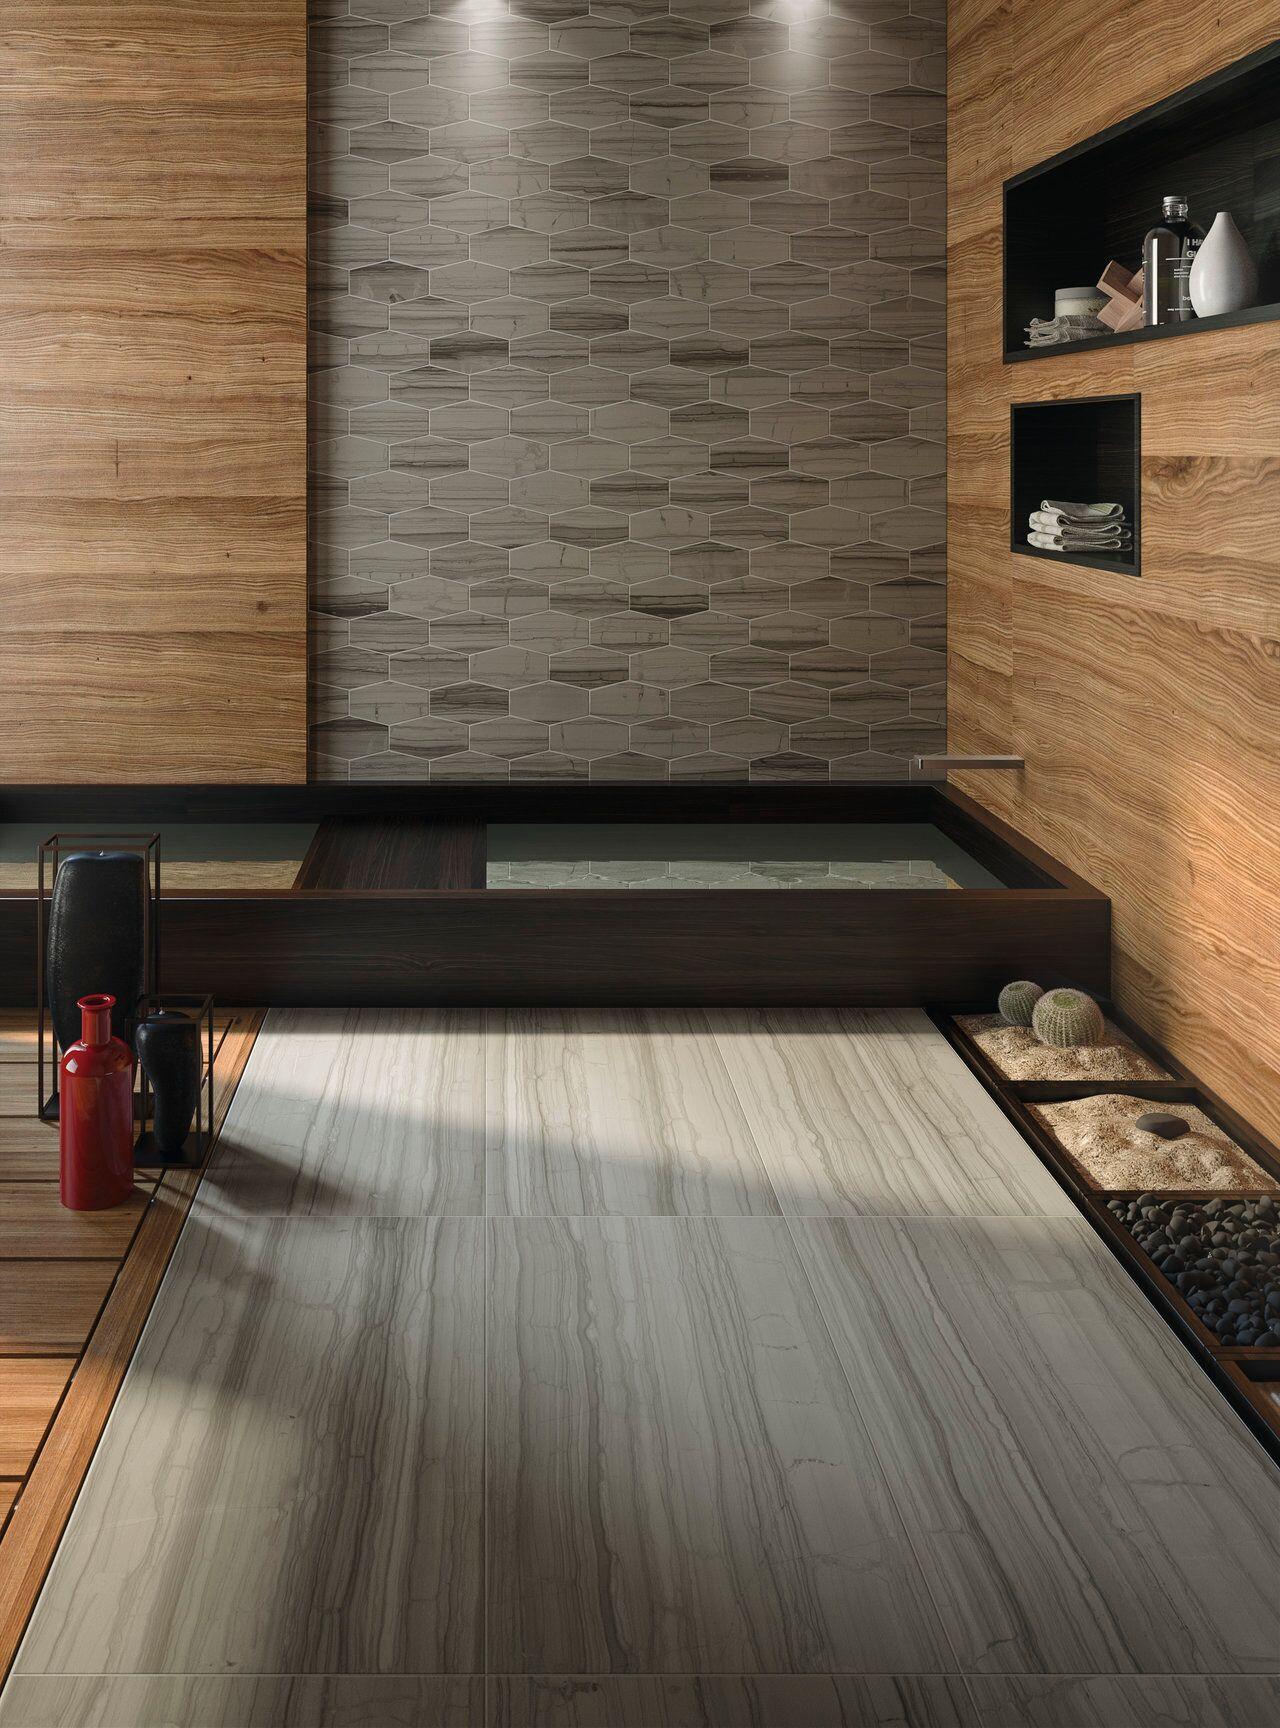 FI - Fiandre - Tao Zen Grey - Porcelain - Bathroom.jpeg